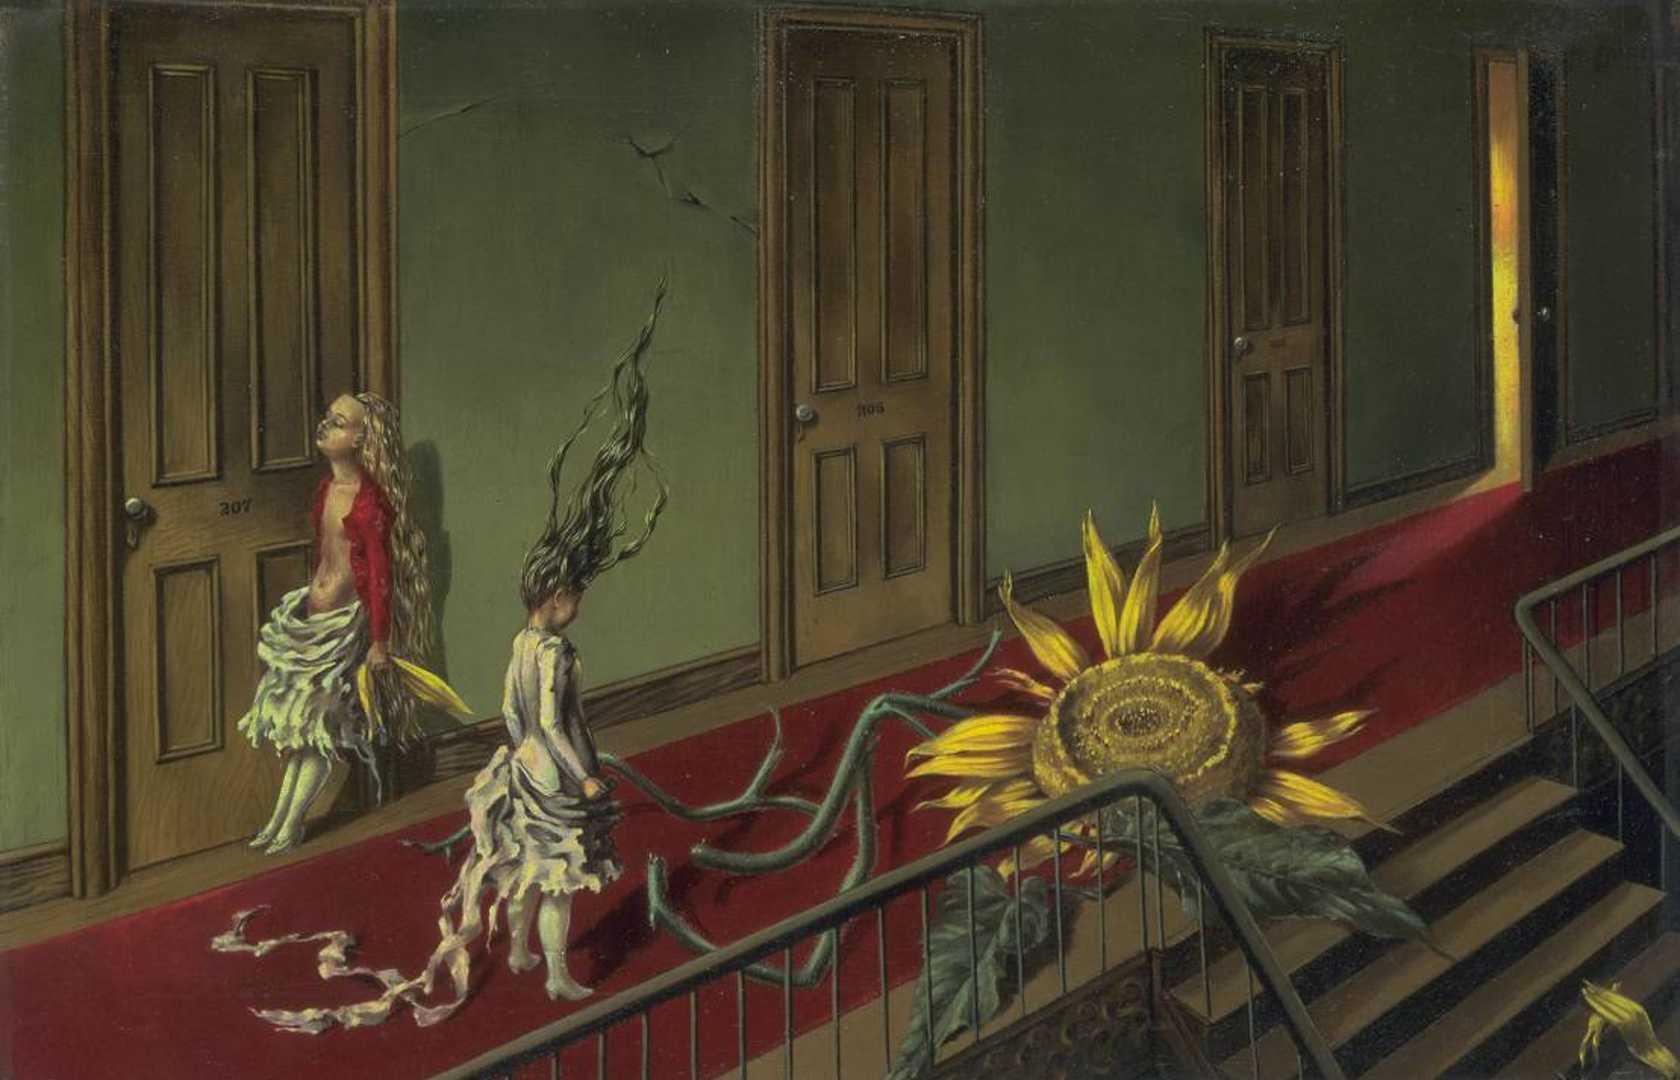 Dorothea Tanning, Eine Kleine Nachtmusik, 1943, Tate Modern